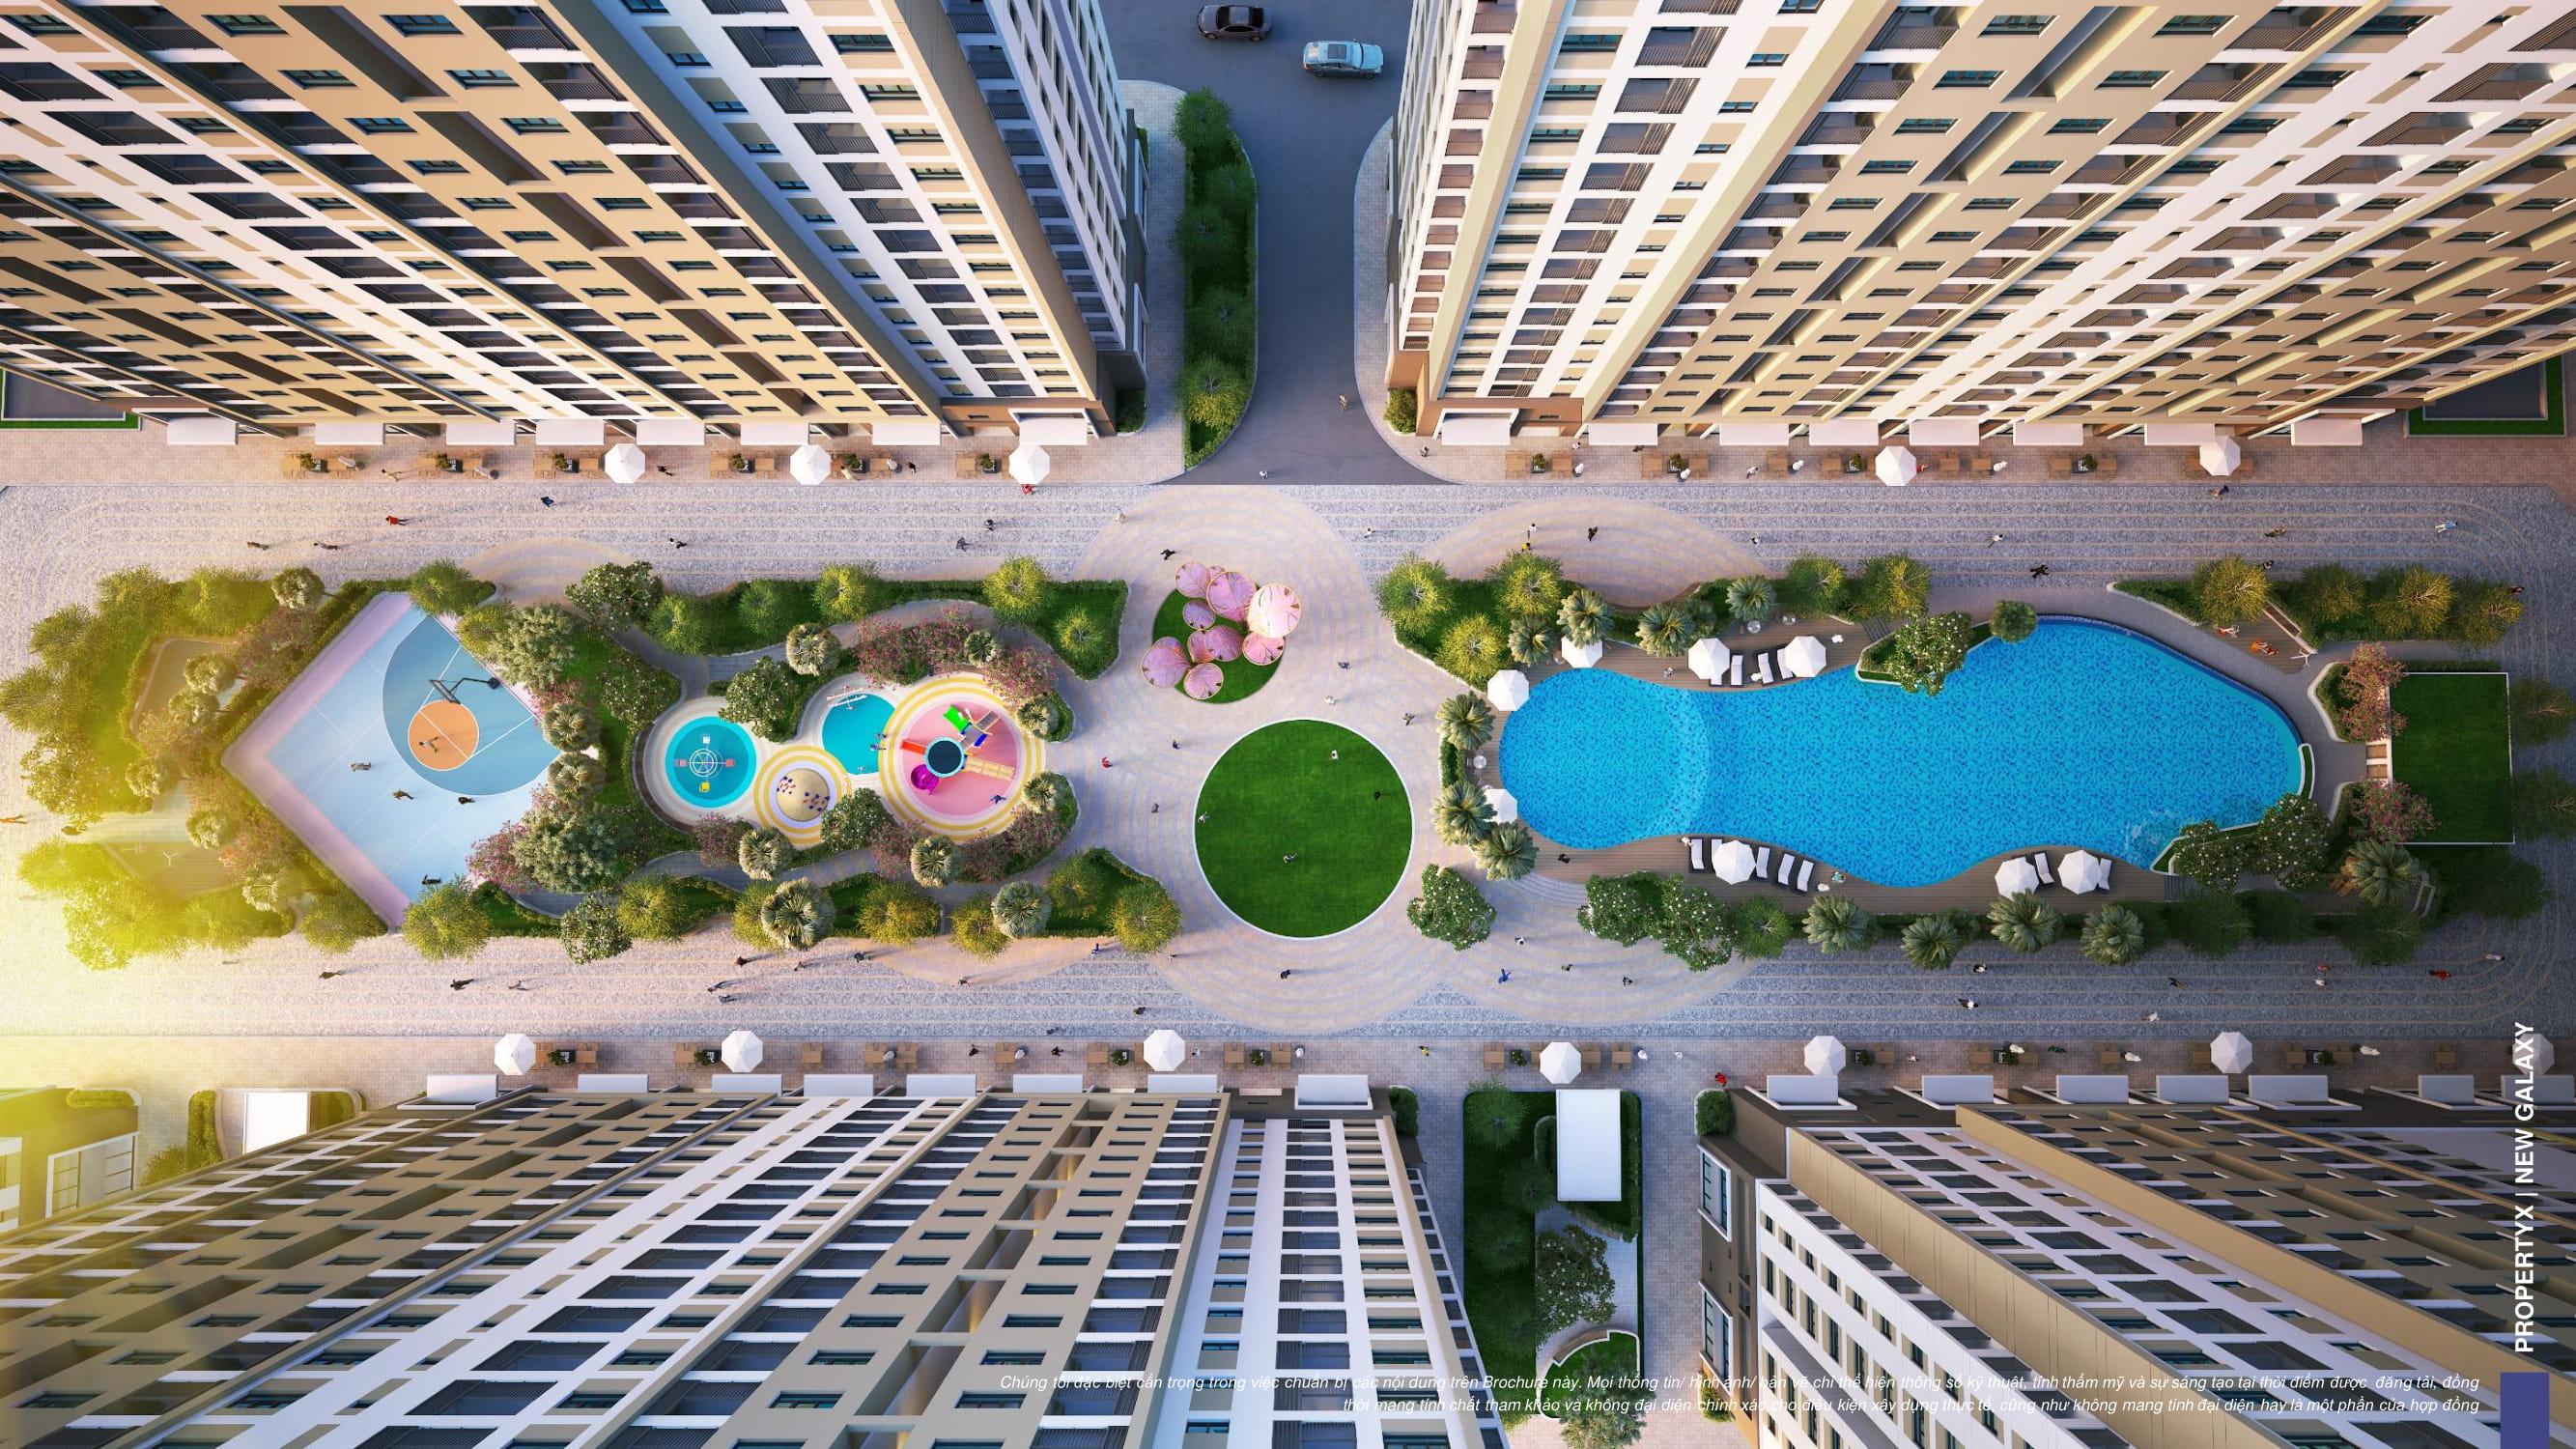 Tổng thể tiện ích nội khu dự án căn hộ New Galaxy nhìn từ trên cao nhìn xuống